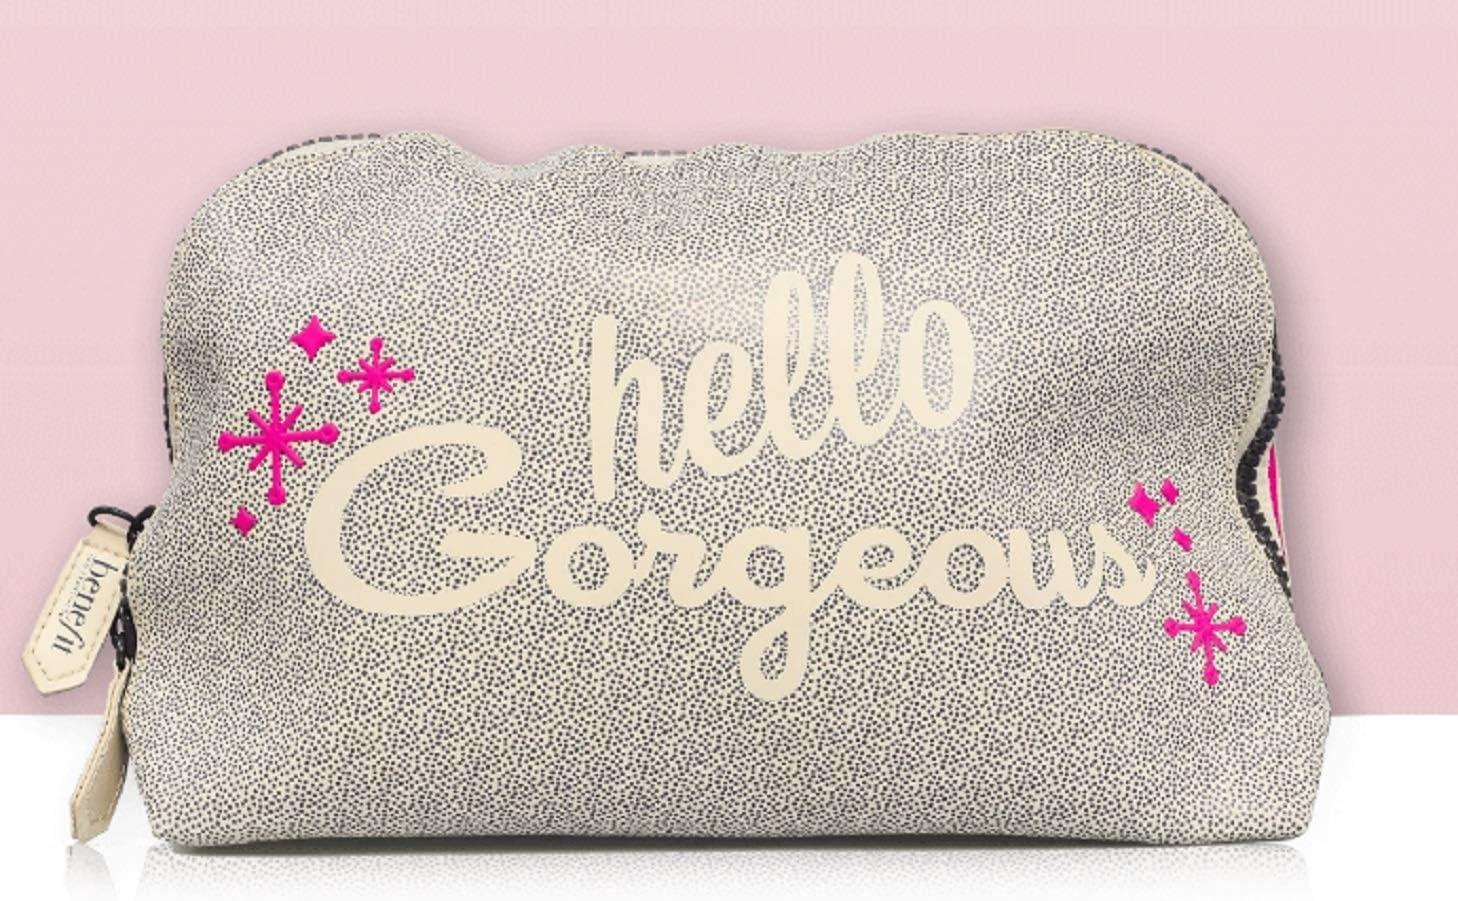 Benefit Cosmetics Hello Gorgeous - Neceser para maquillaje, color marfil y rosa: Amazon.es: Belleza